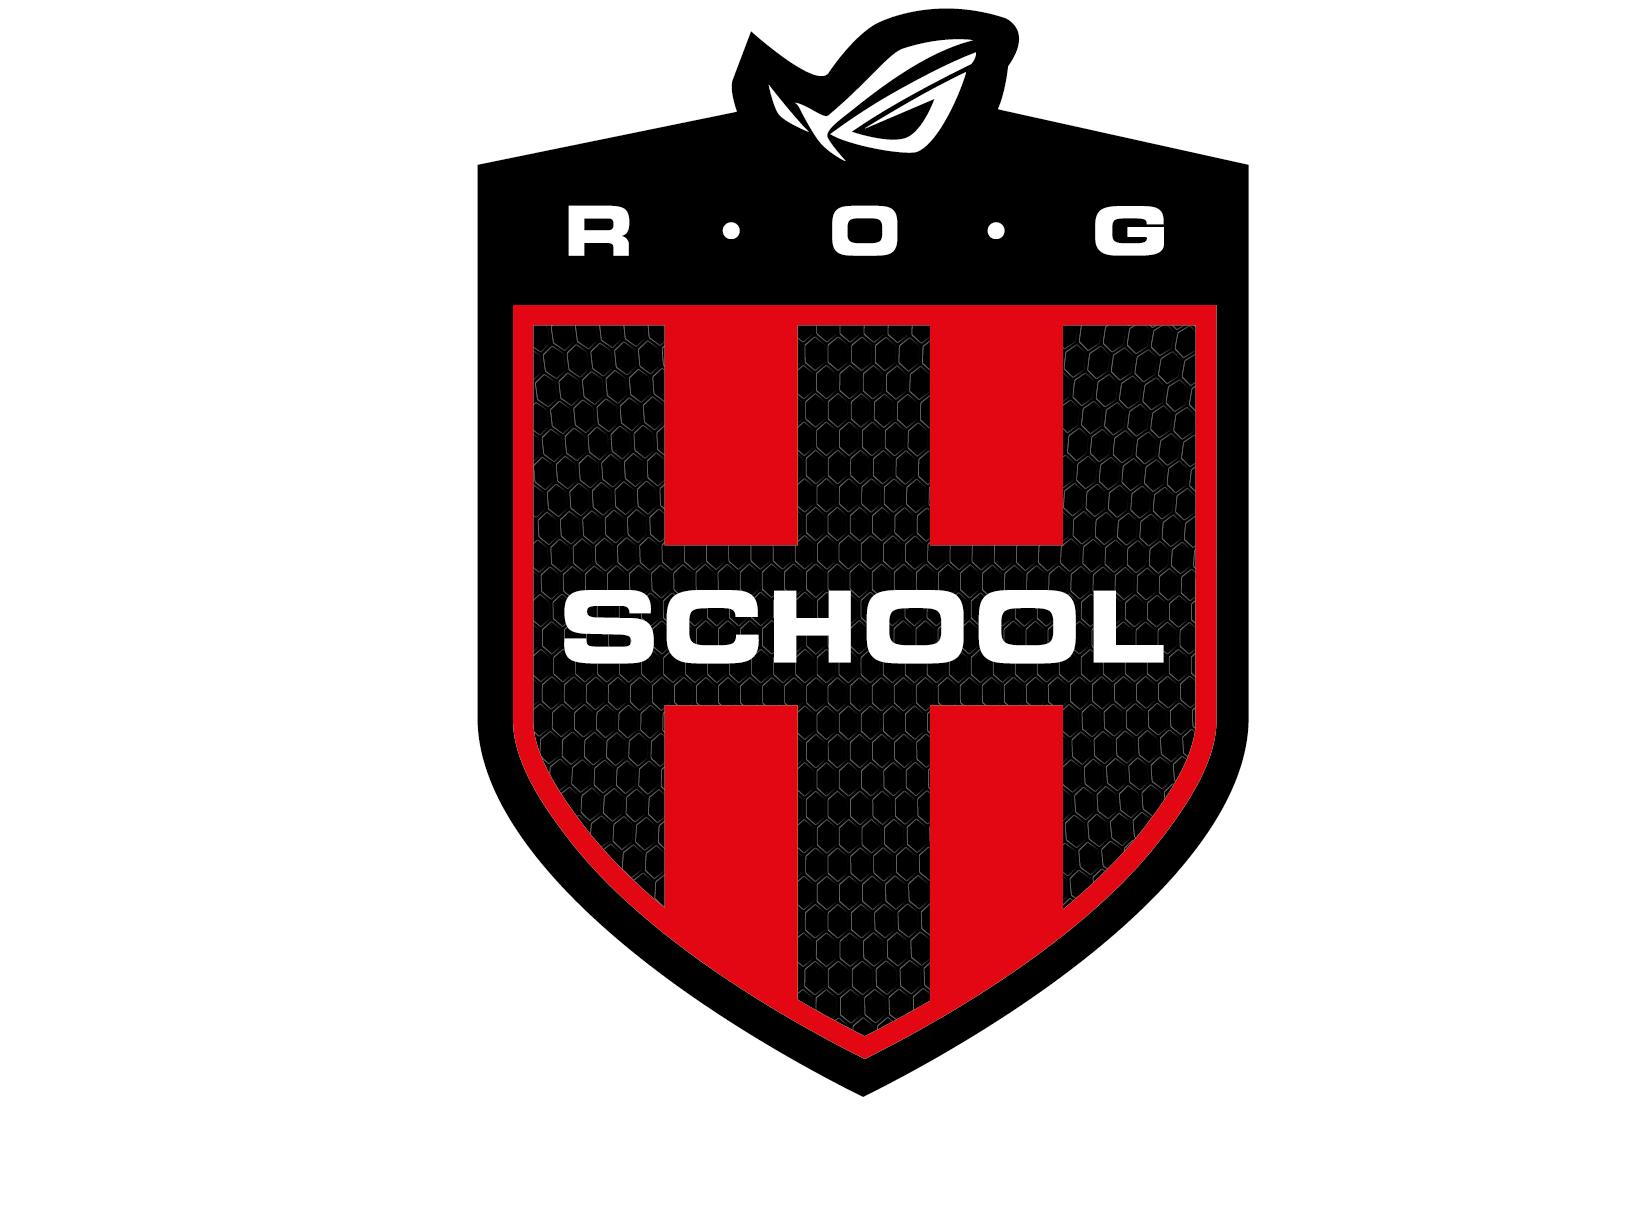 Asus RoG School